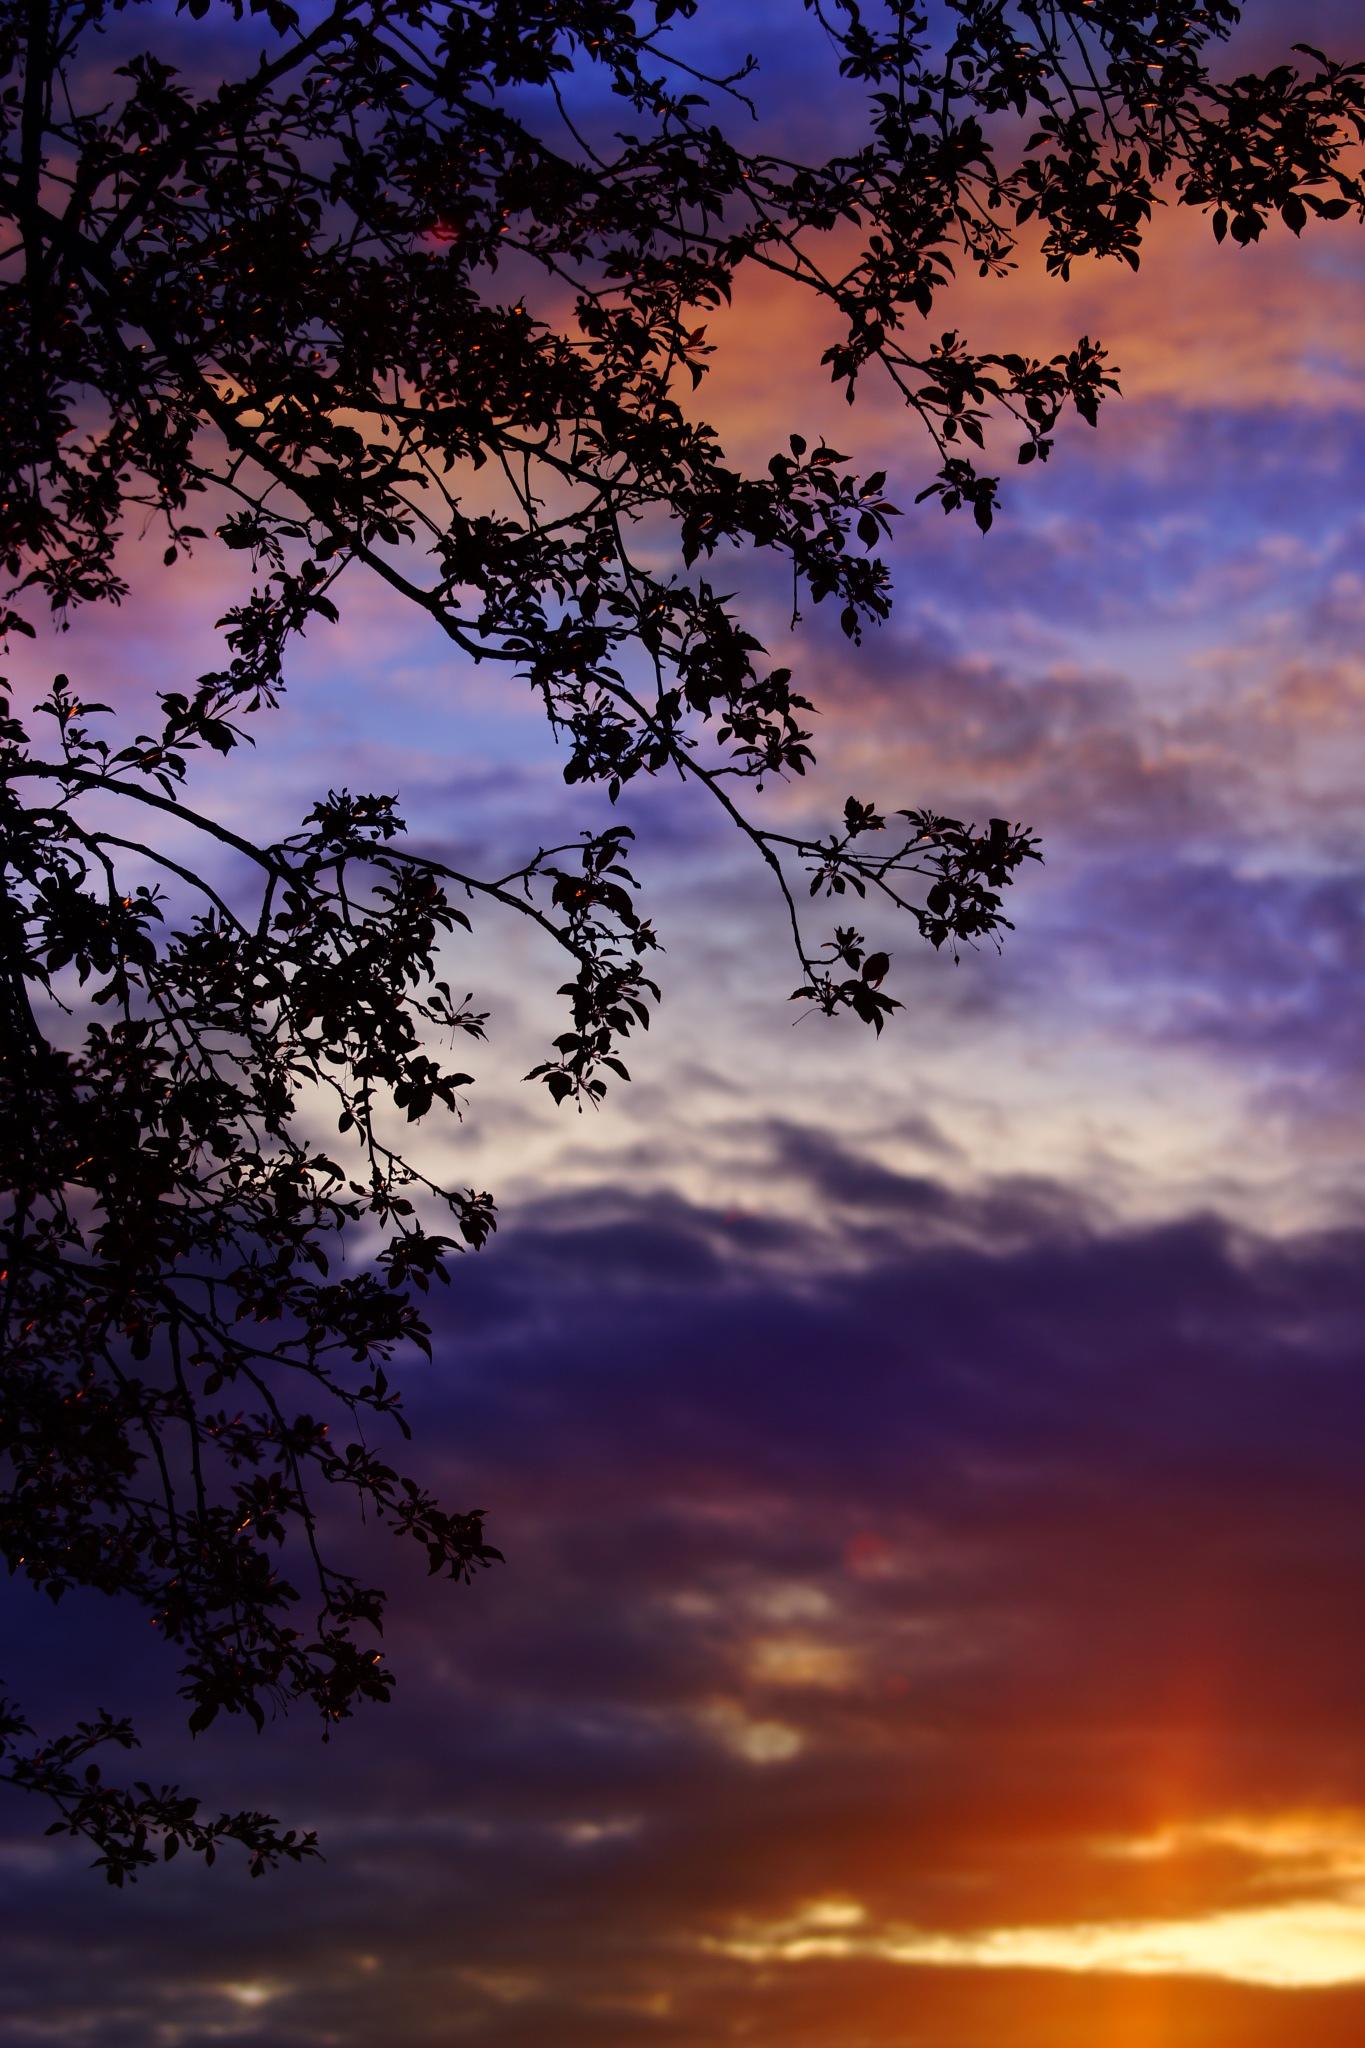 Awe sunset by sylviecorriveau